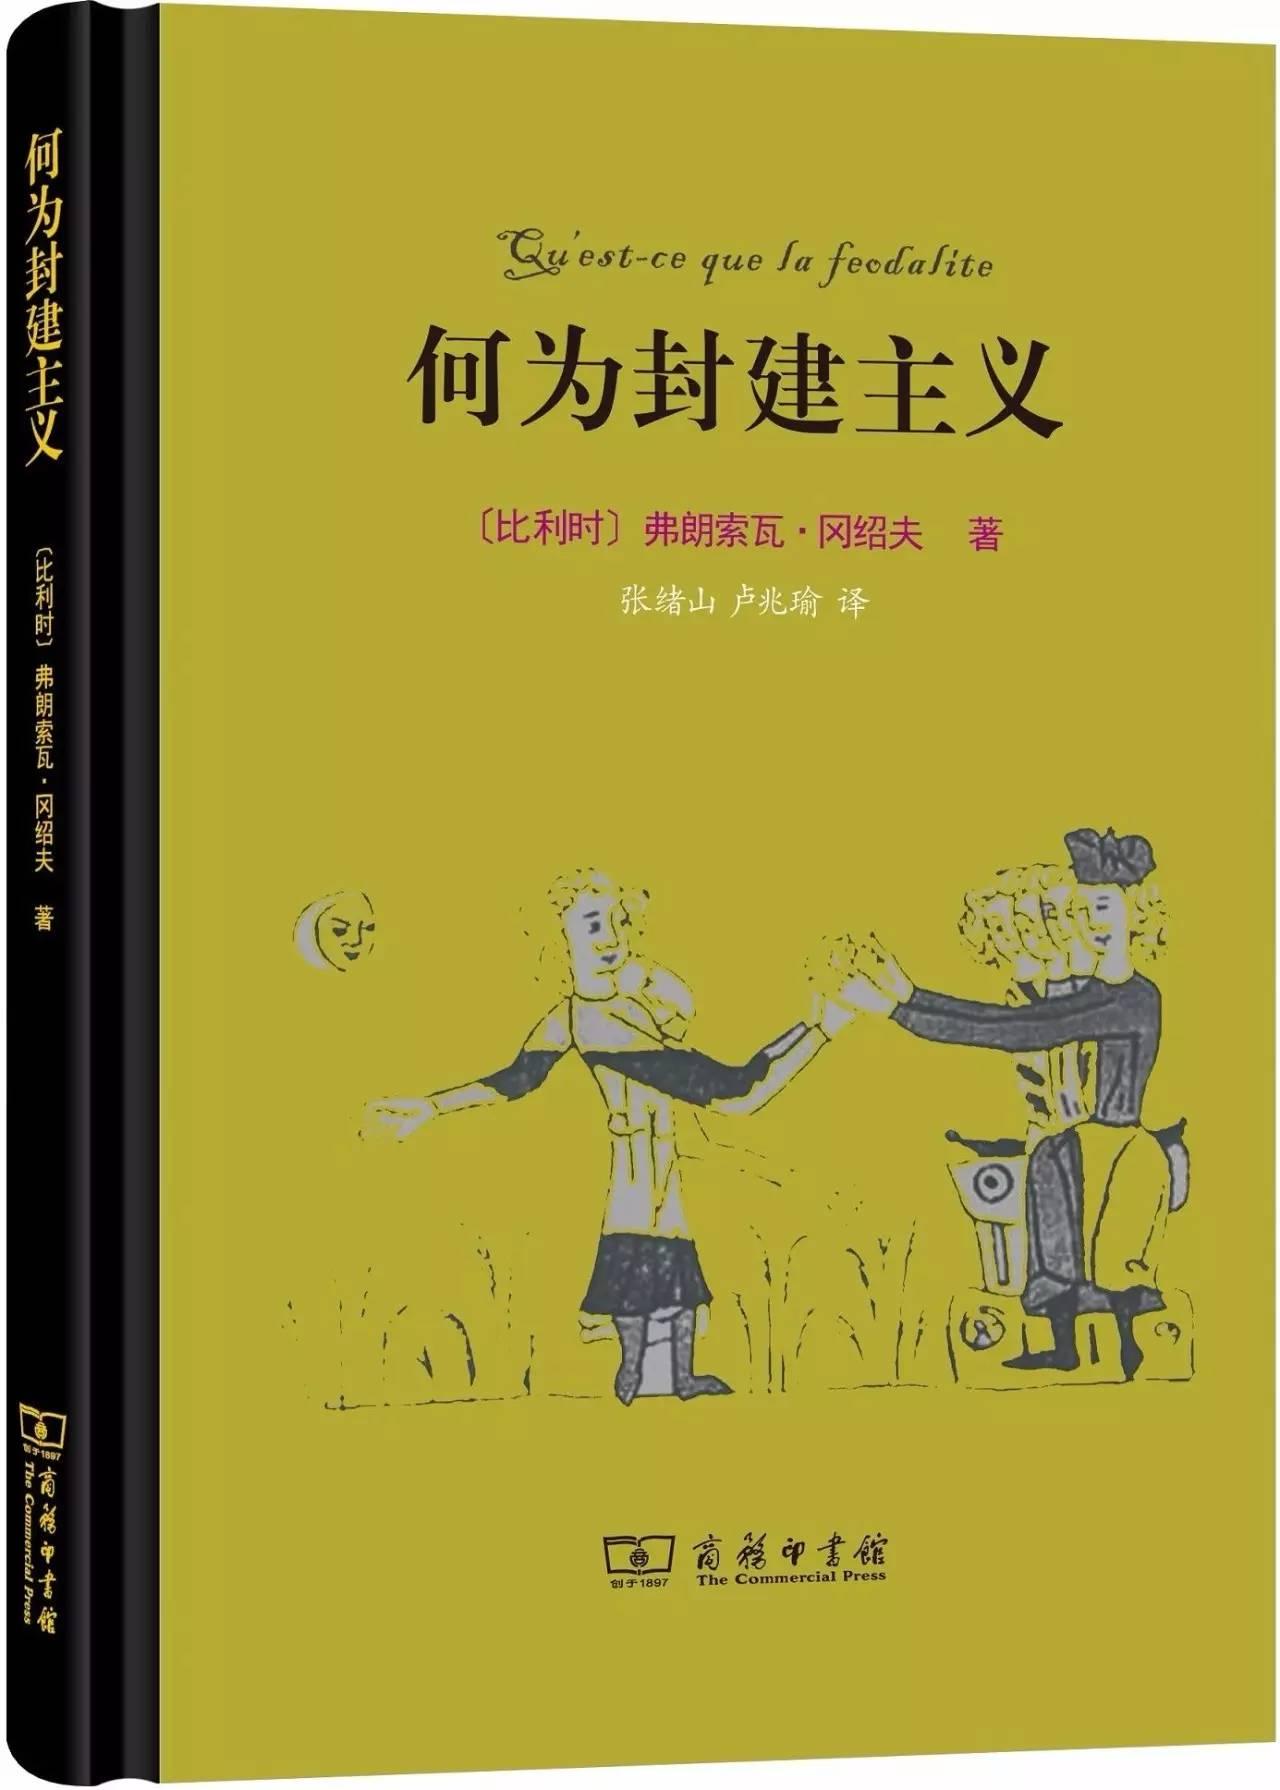 封建主义 纵横谈 冯天瑜 谢远笋 顾銮斋 李隆国图片